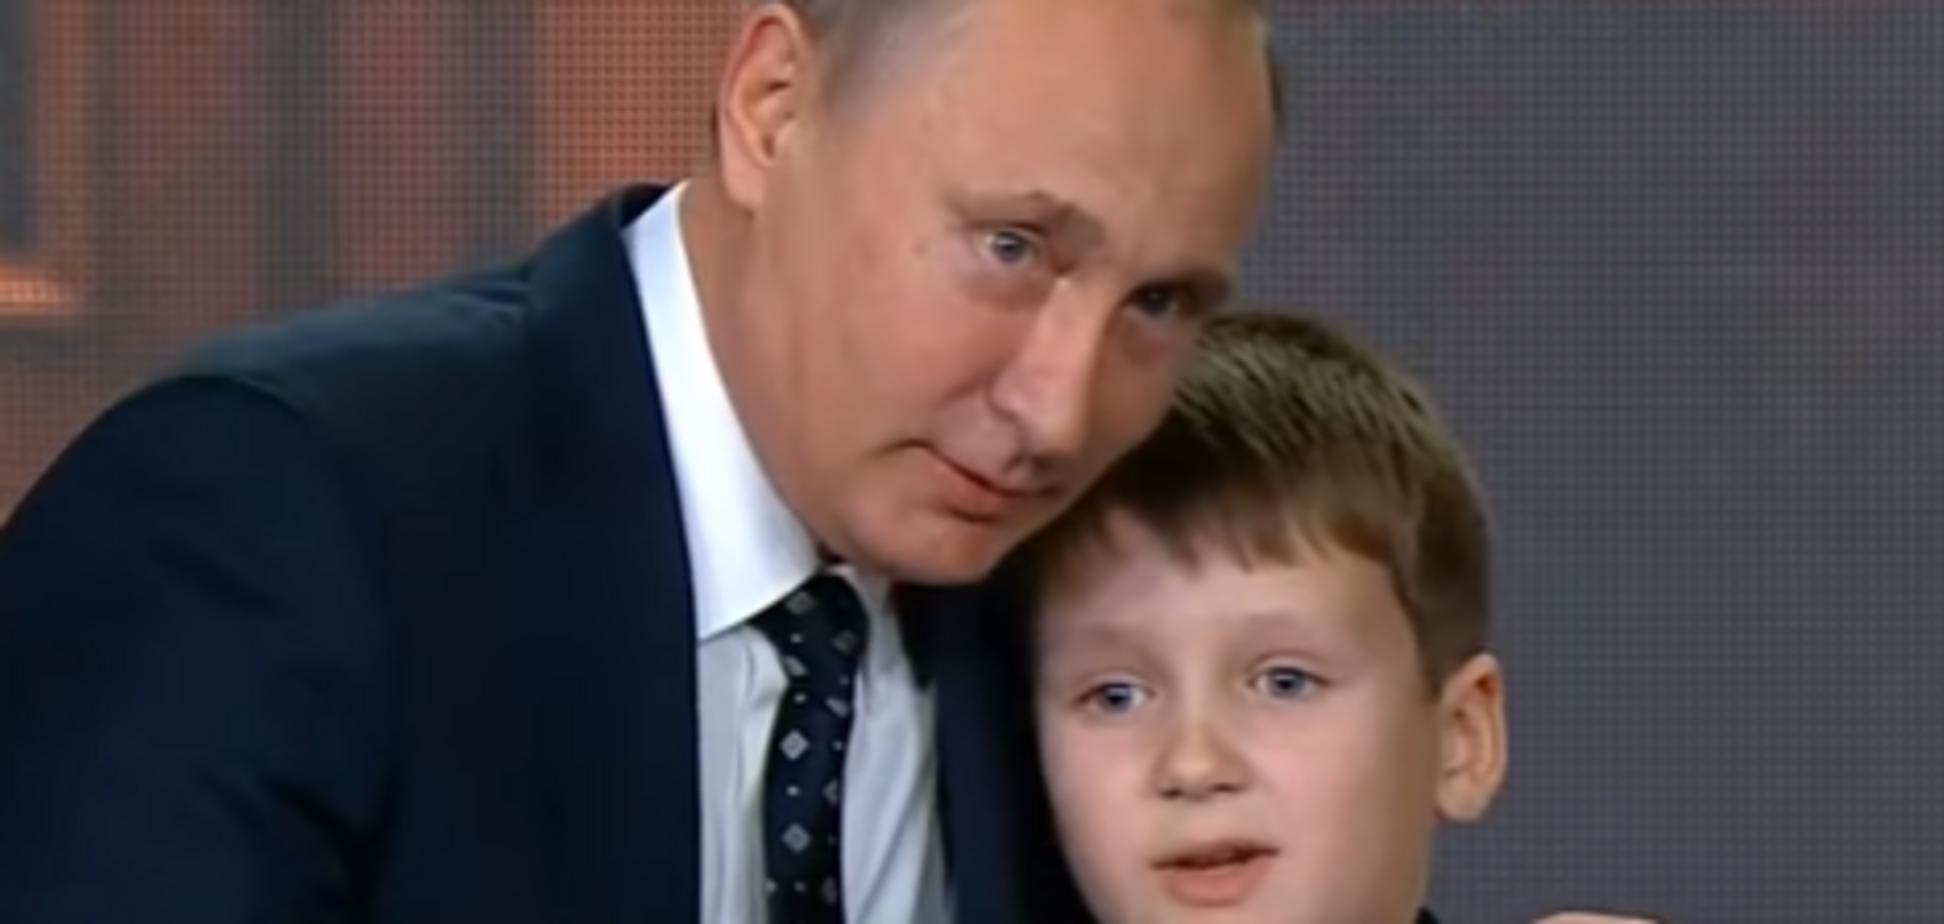 'Ну, любить неповнолітніх': Путін влаштував 'обіймашки' з хлопчиком